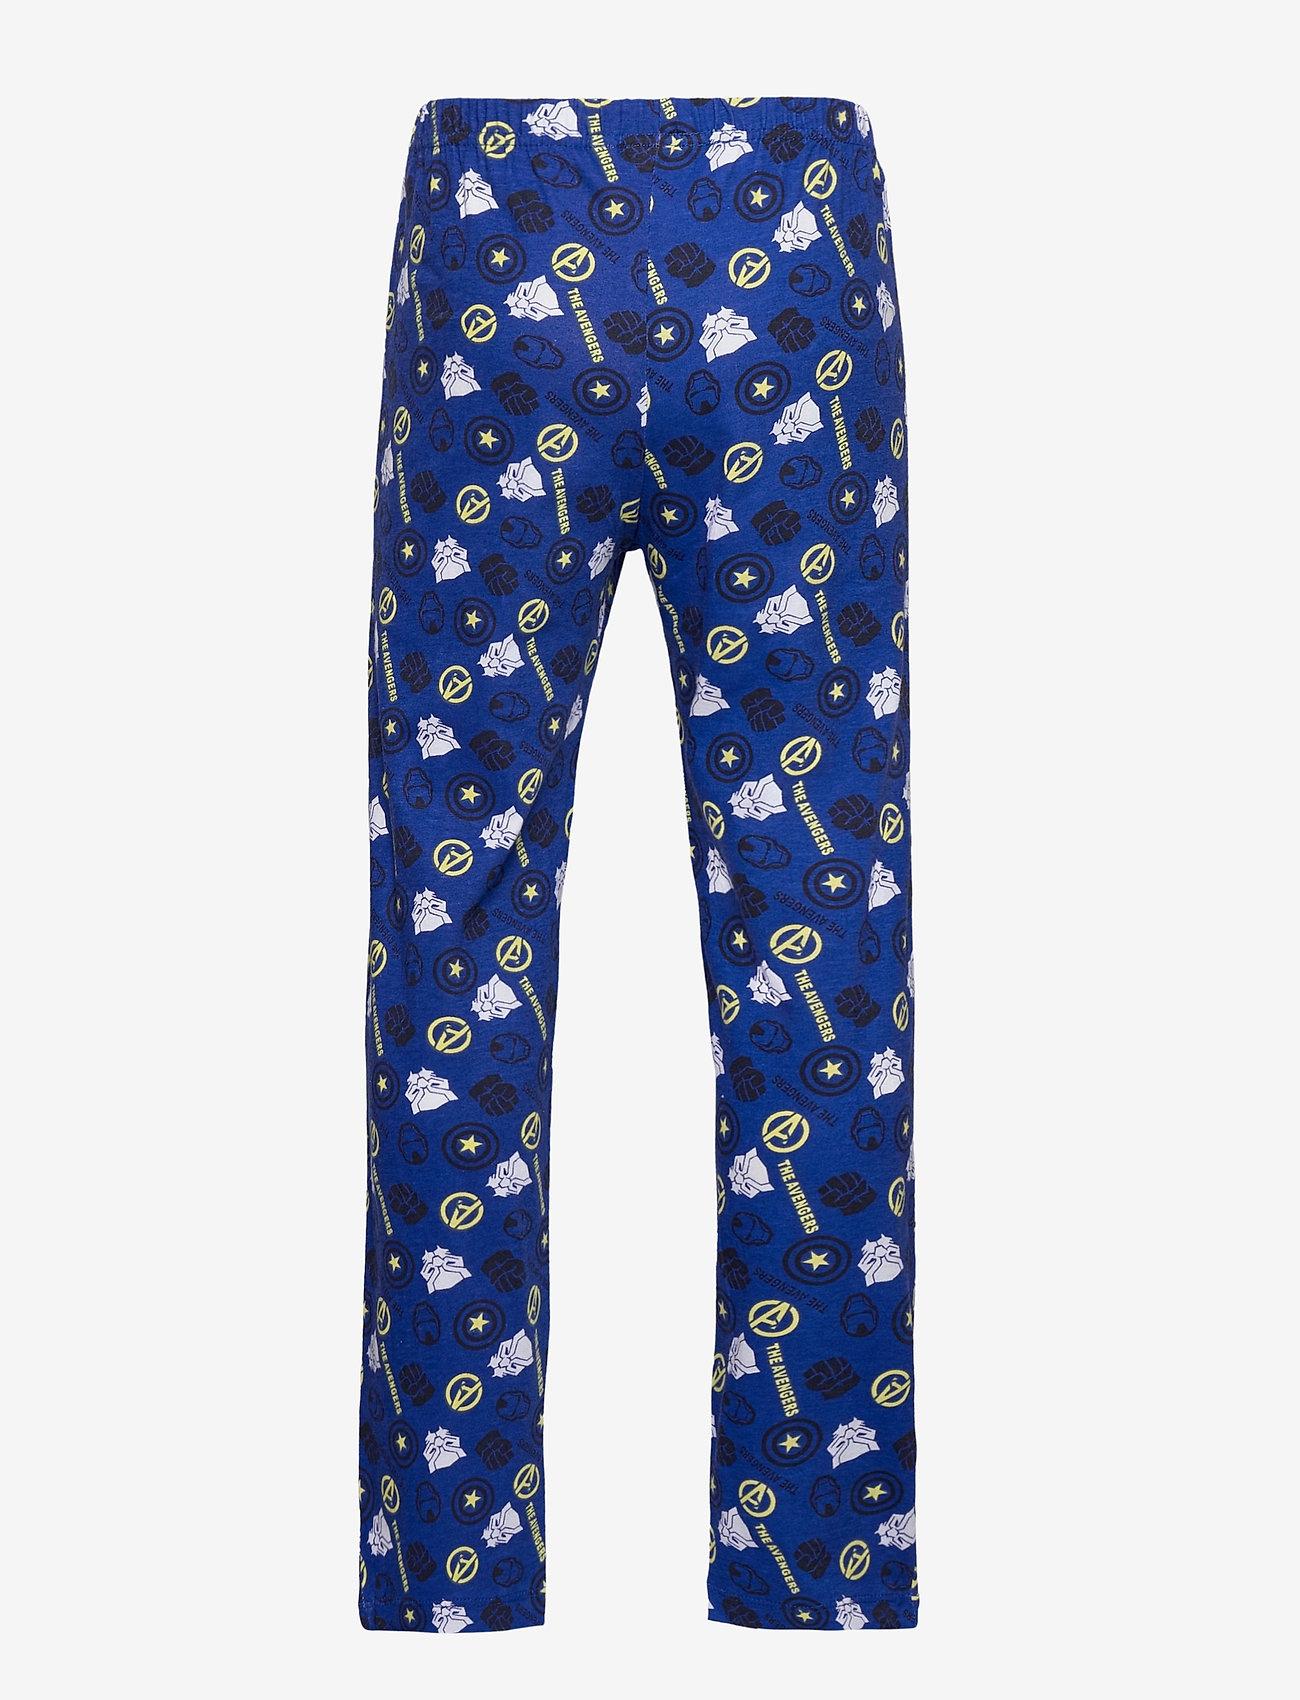 Long Pyjama (Navy) (22.99 €) - Marvel 1vXnw